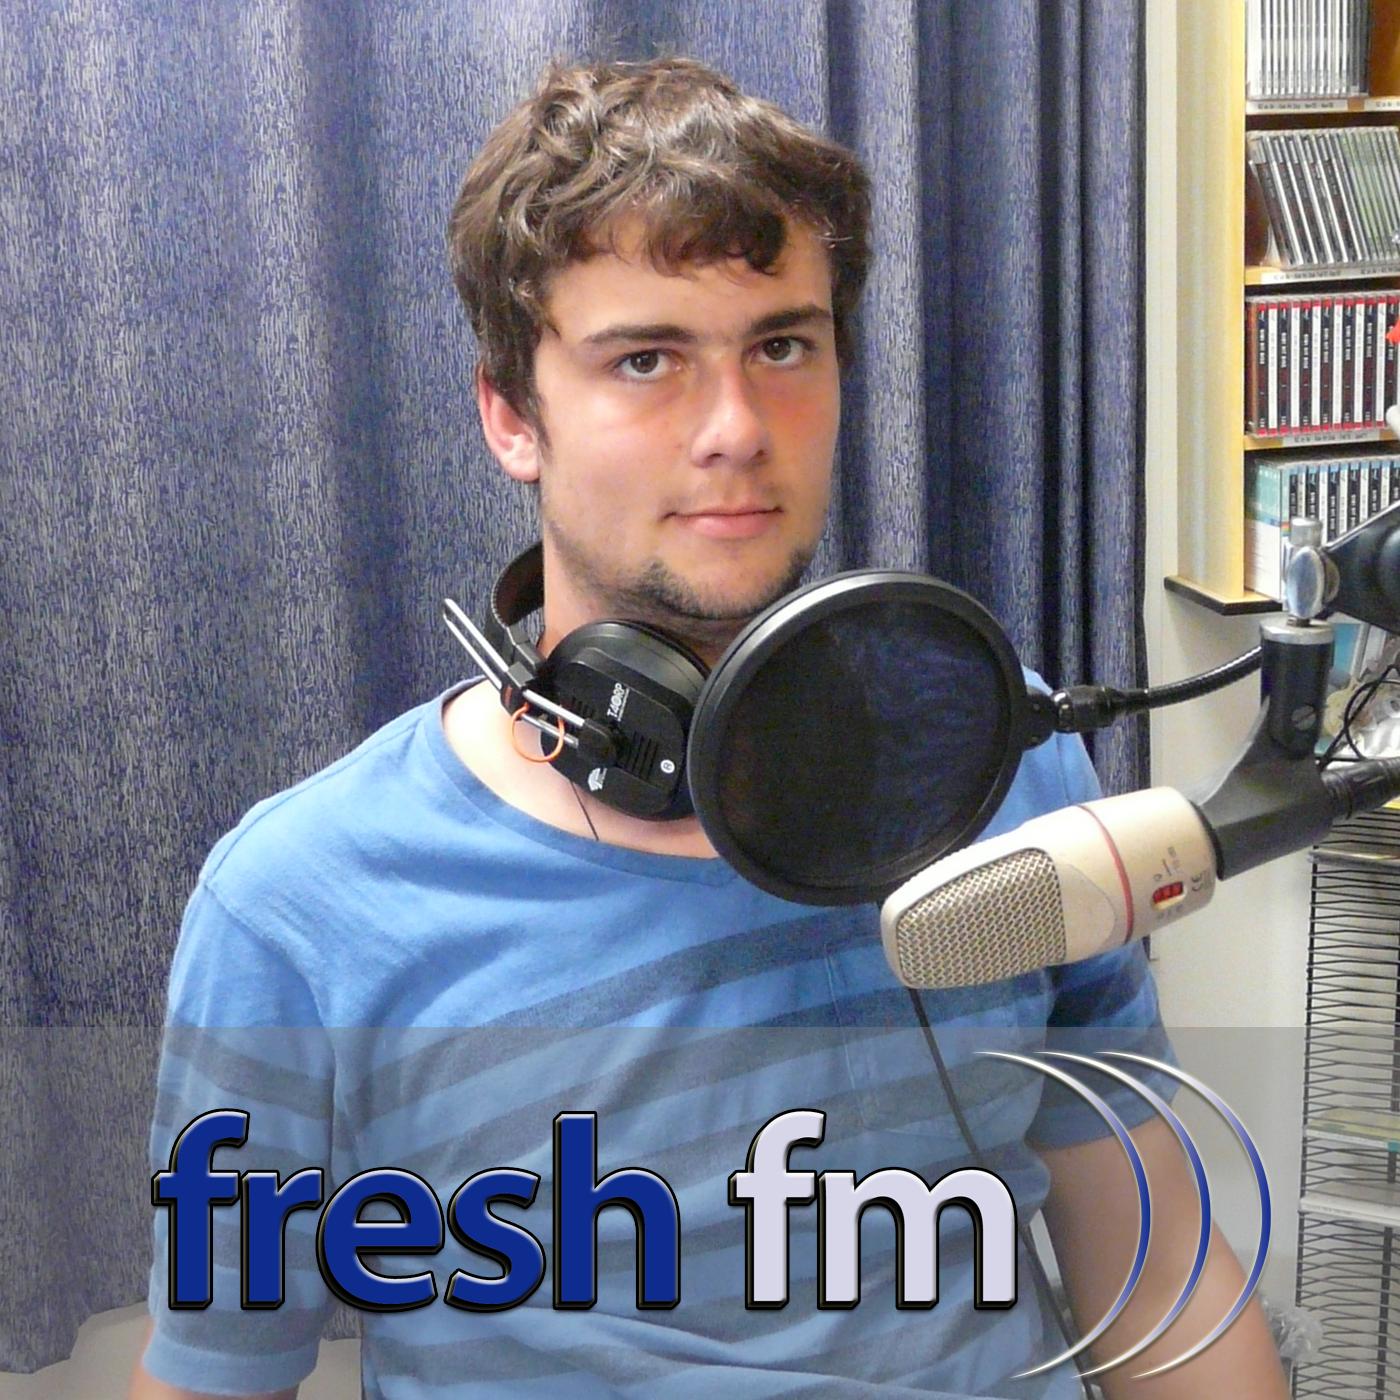 https://cdn.accessradio.org/StationFolder/freshfm/Images/JMS---John-Scott1.png